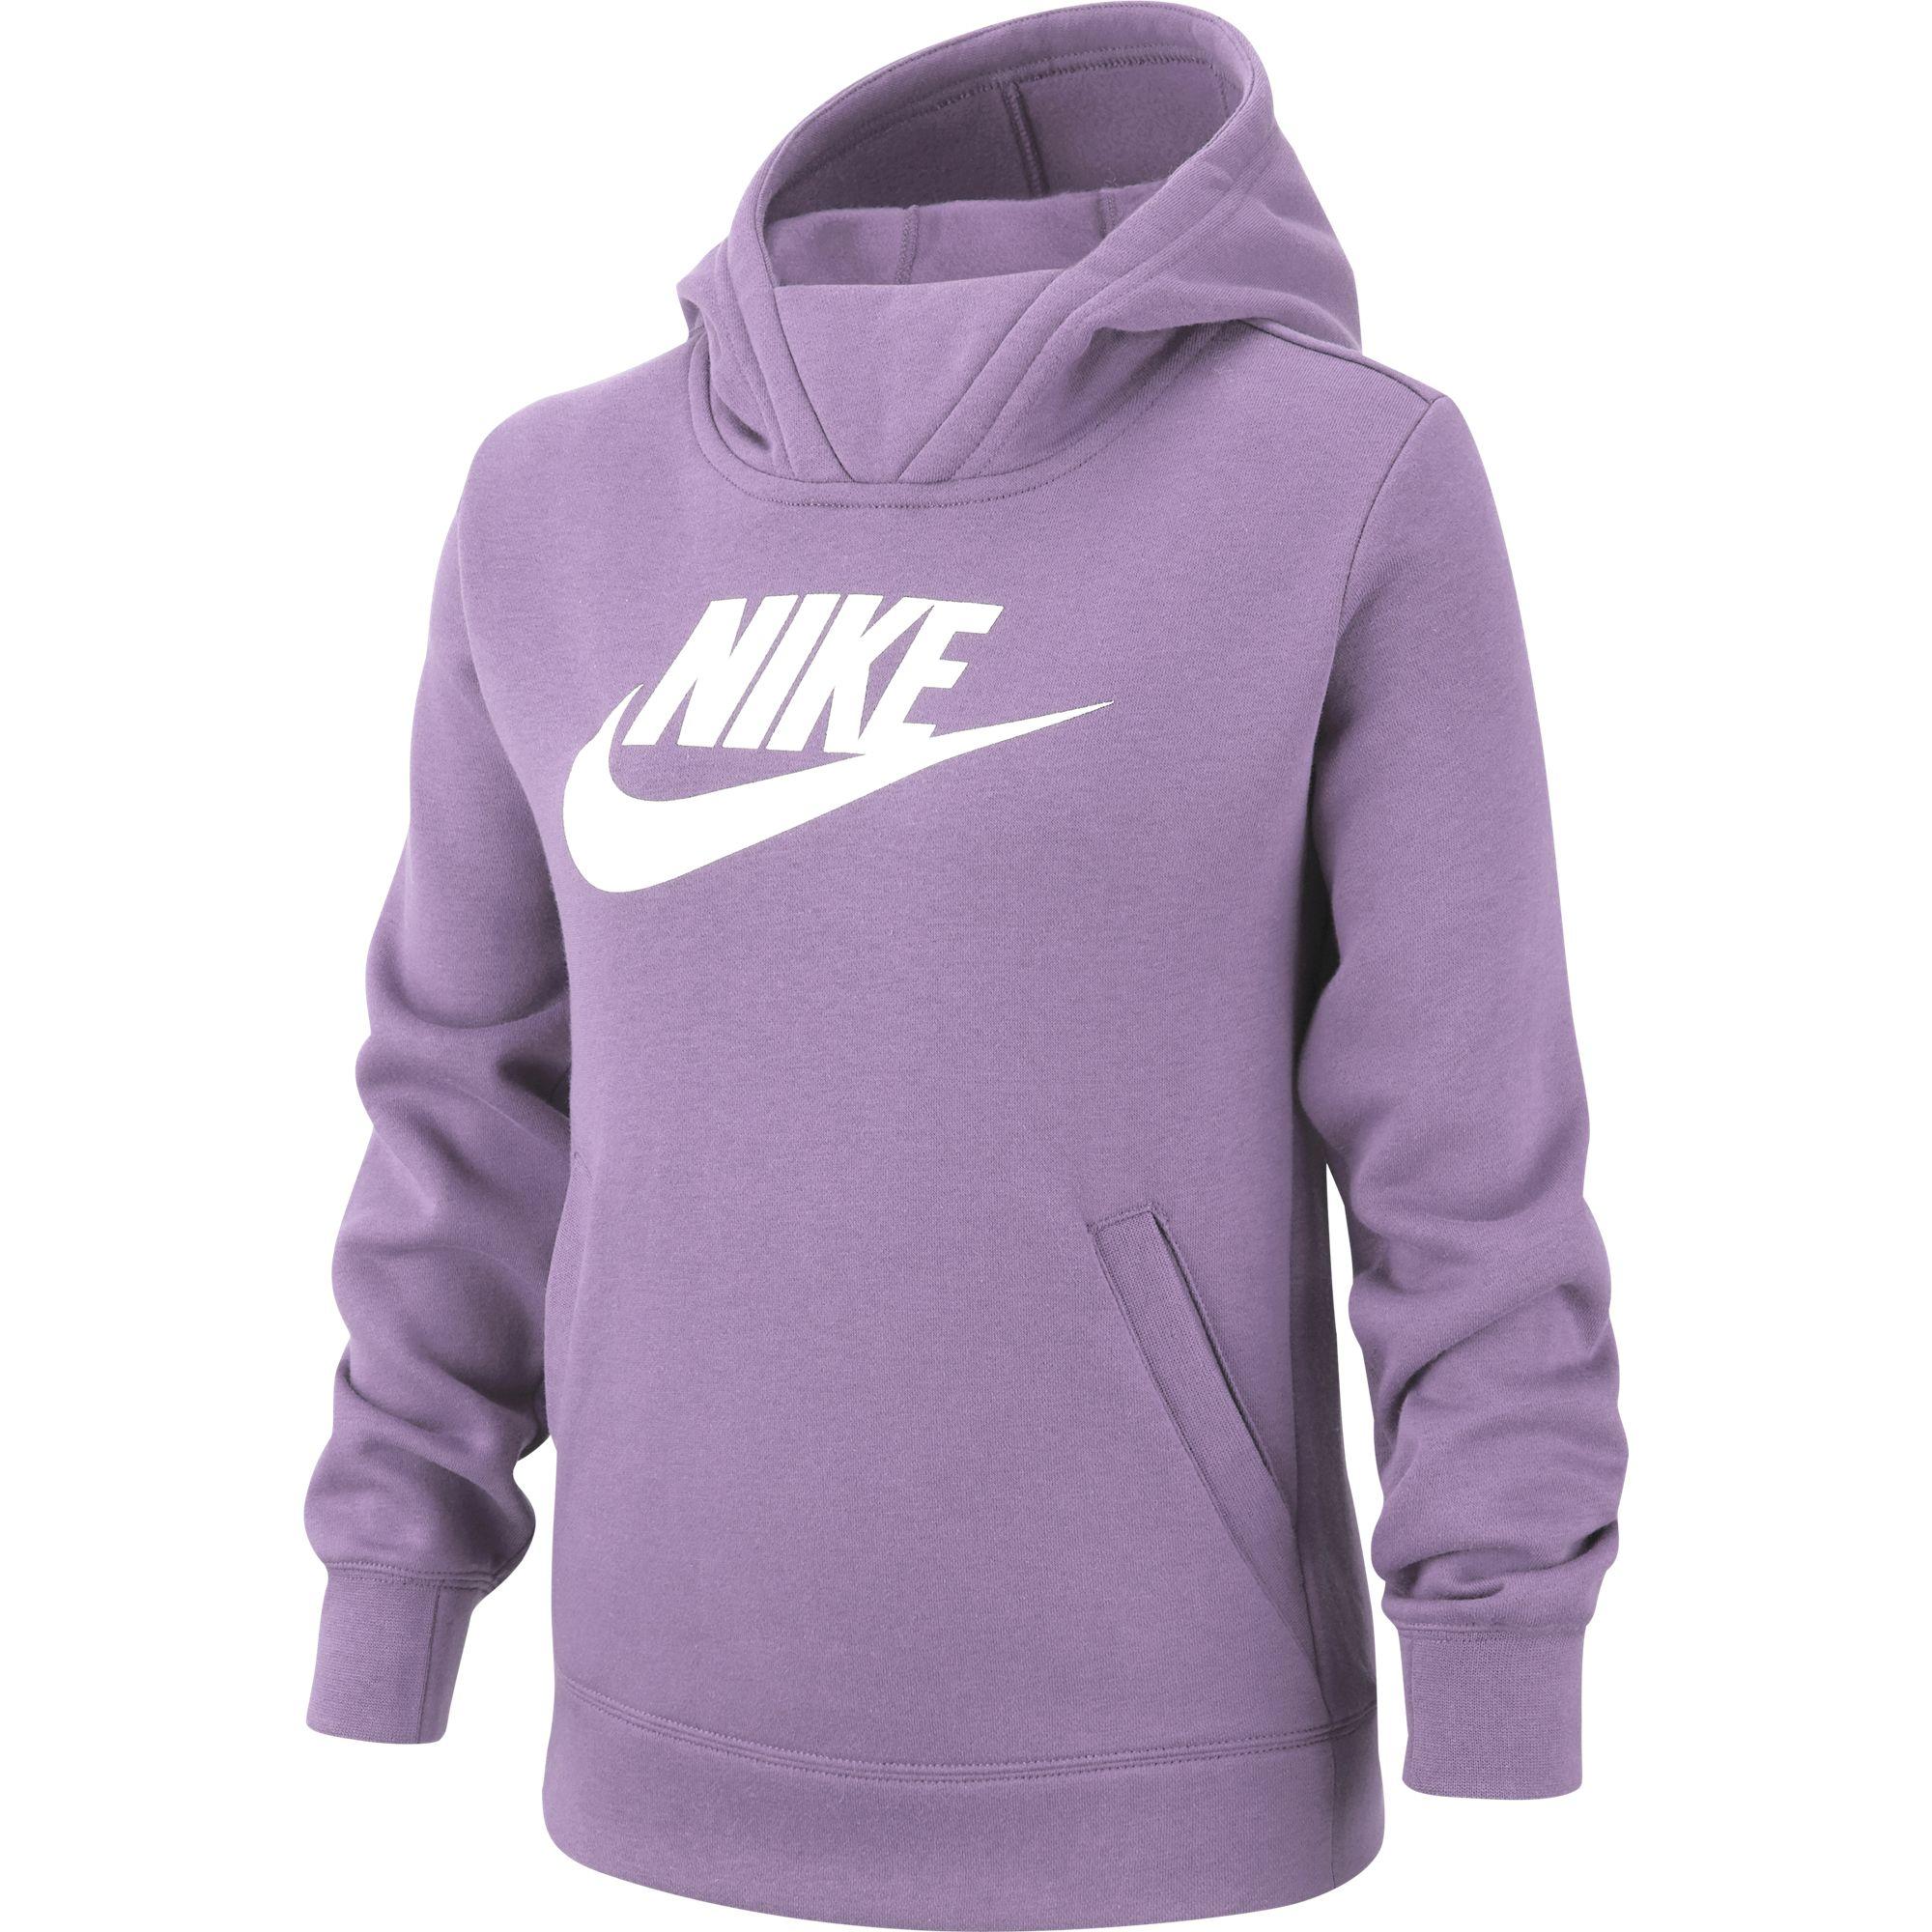 Girls' Sportswear Pullover Hoodie, Purple, swatch